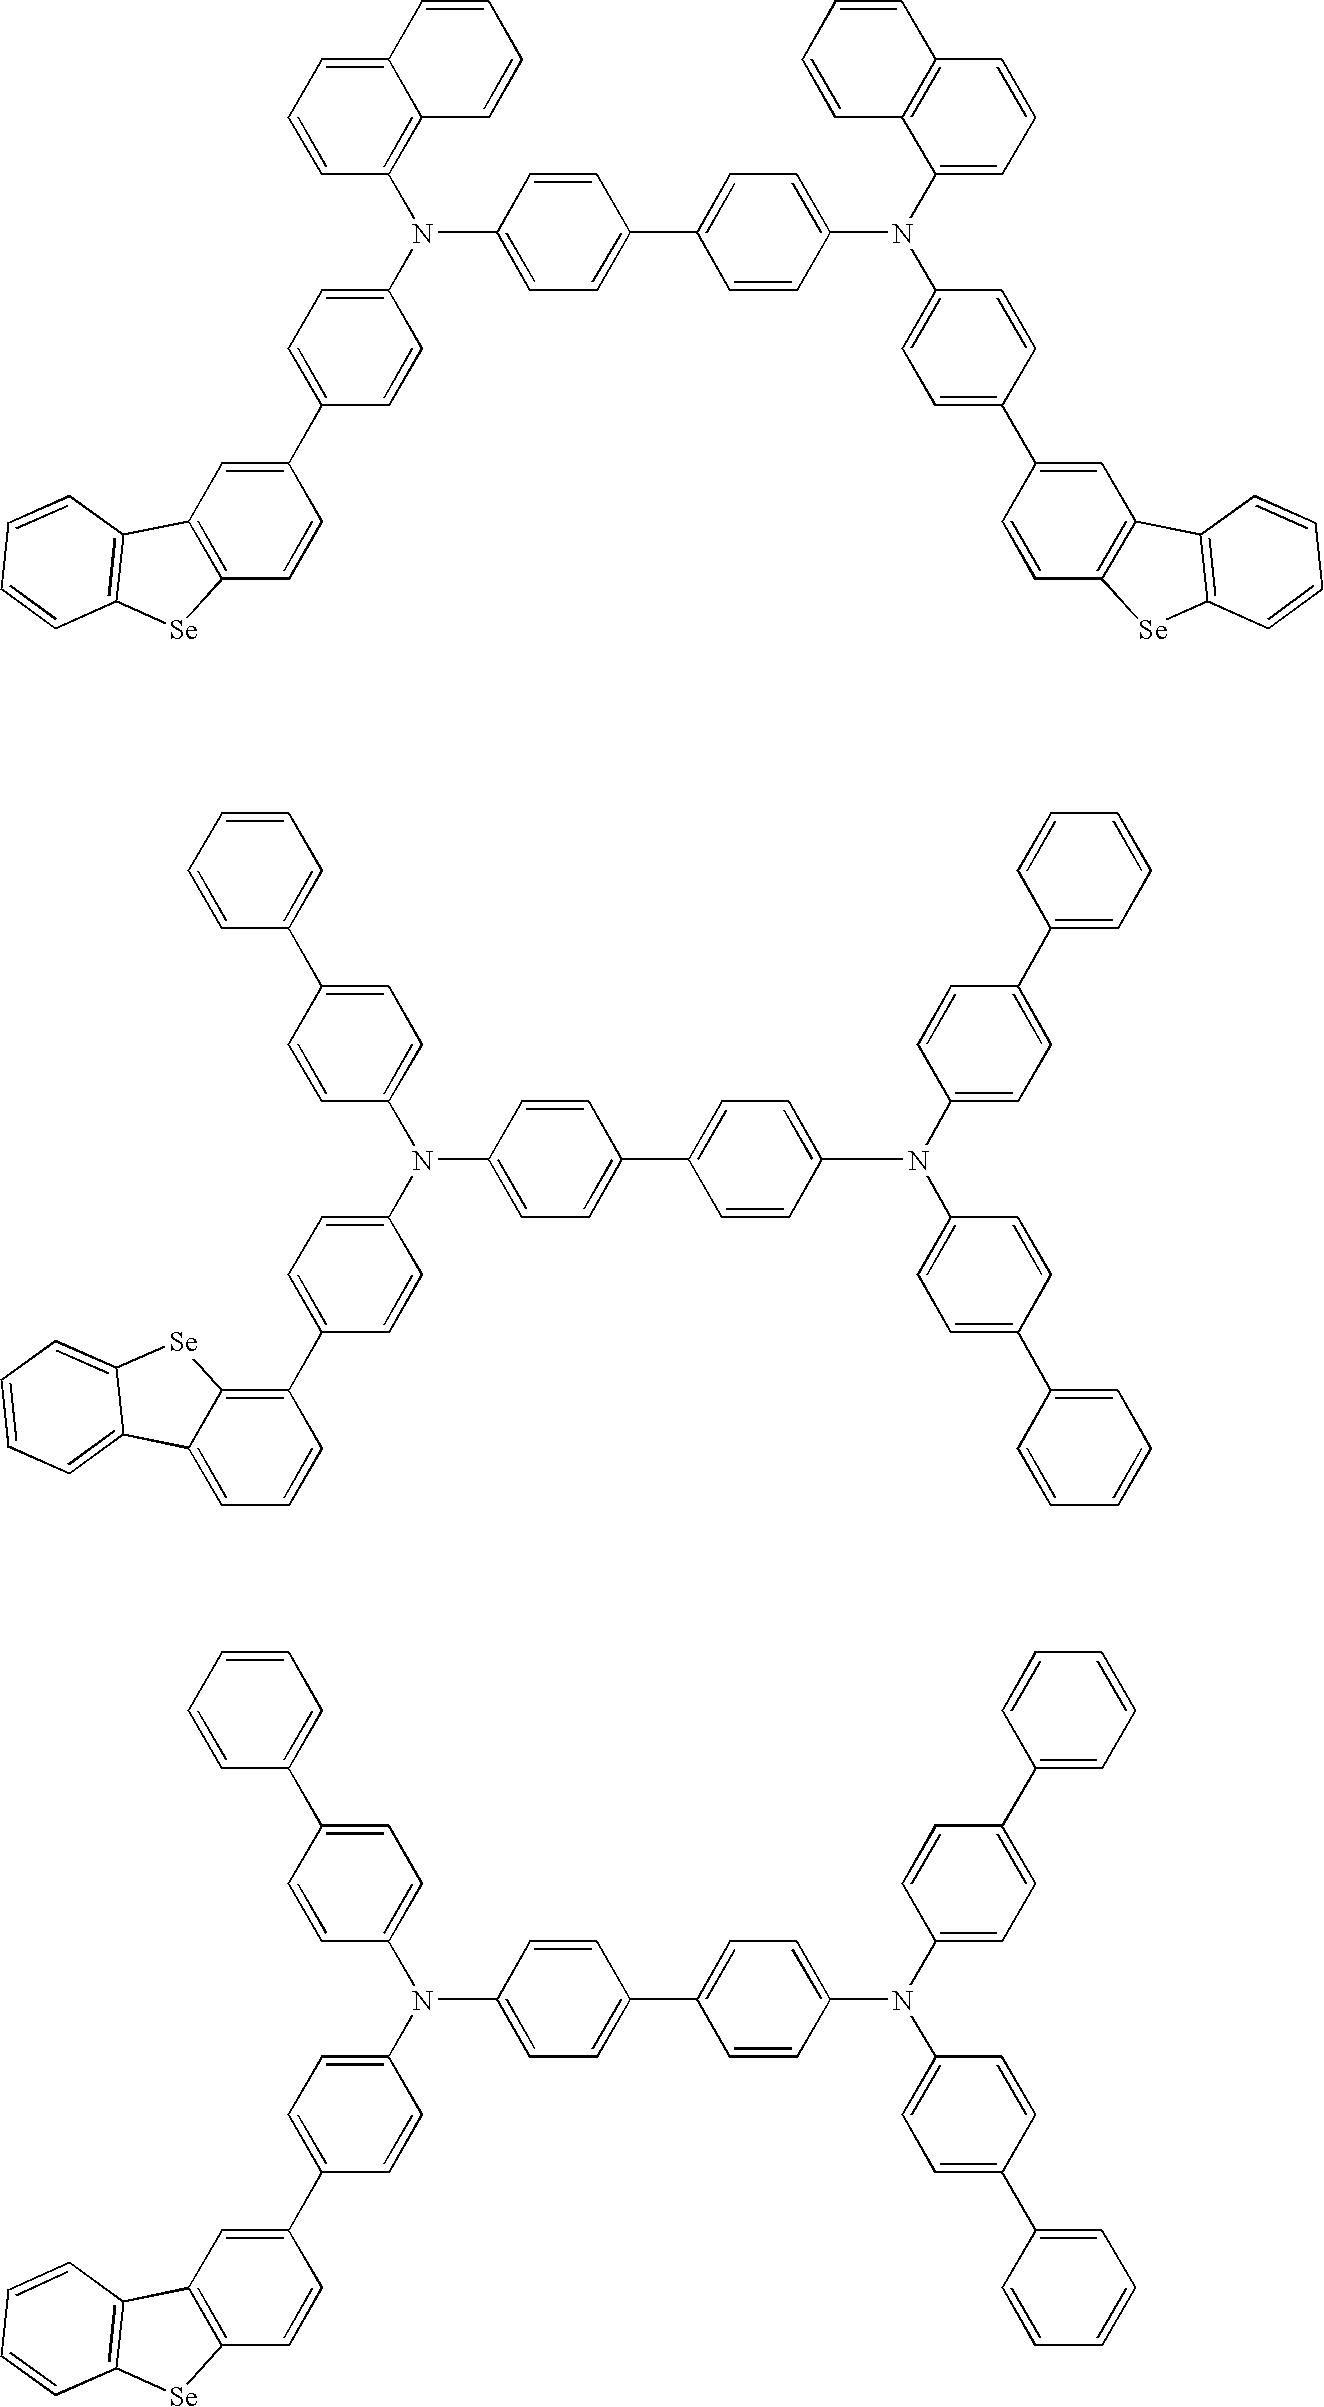 Figure US20100072887A1-20100325-C00018